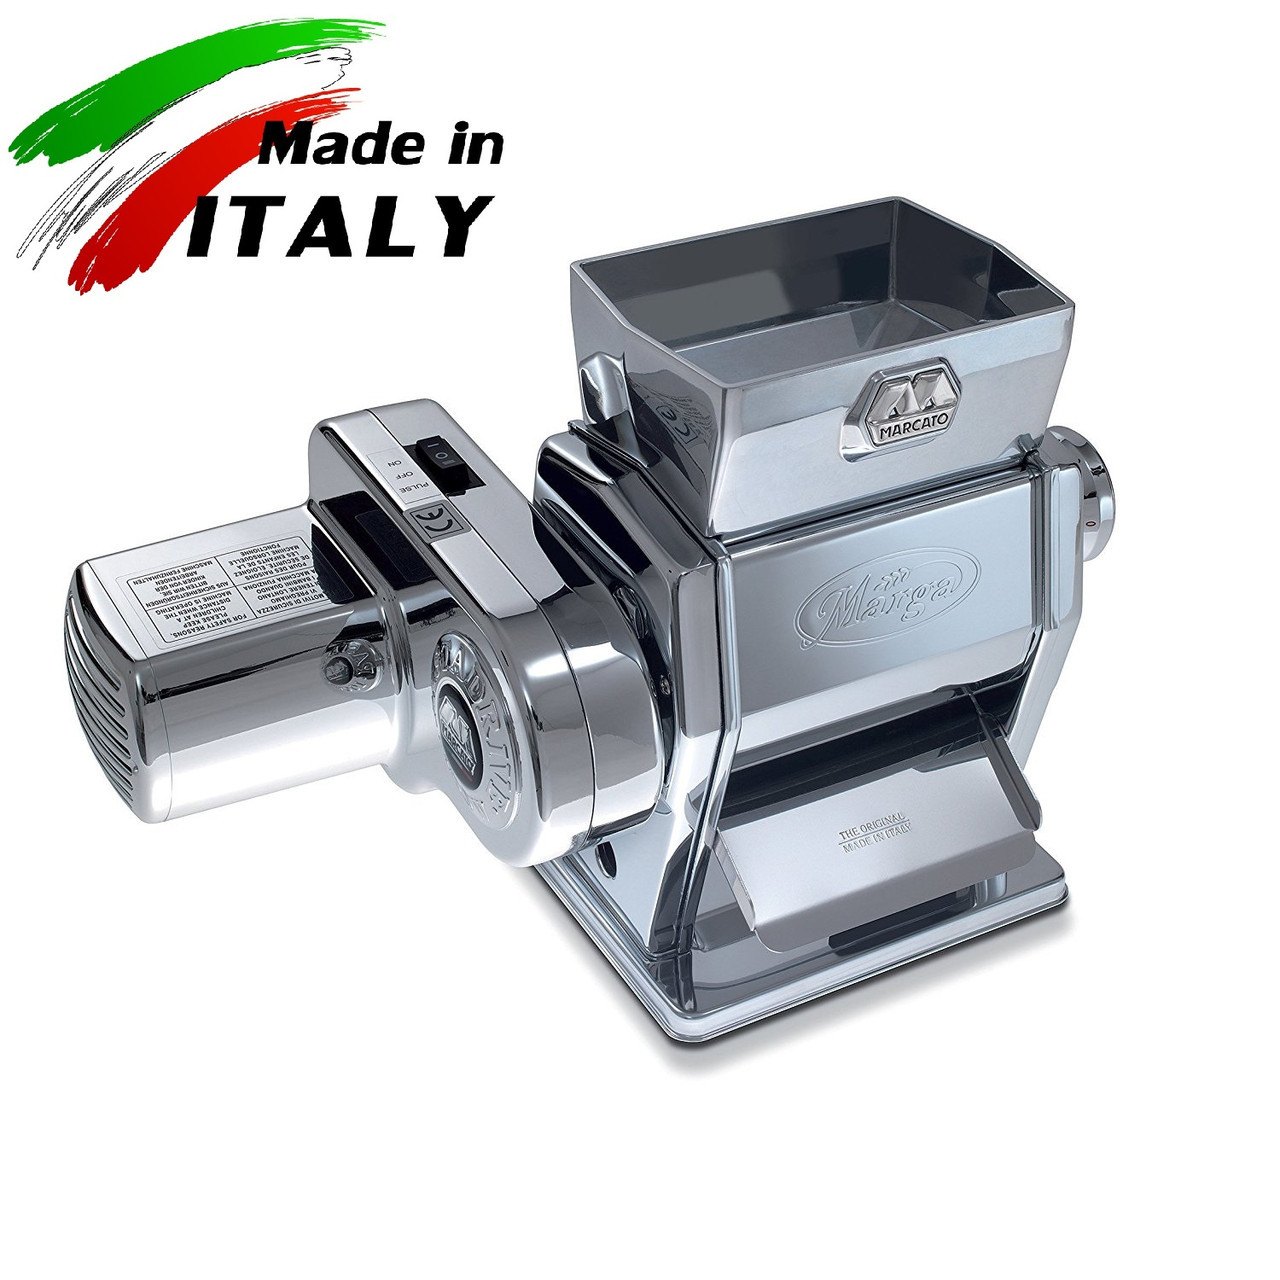 Оптом и розницу Marcato Design Marga Motor электромеханическая мельница для муки и хлопьев из зерна